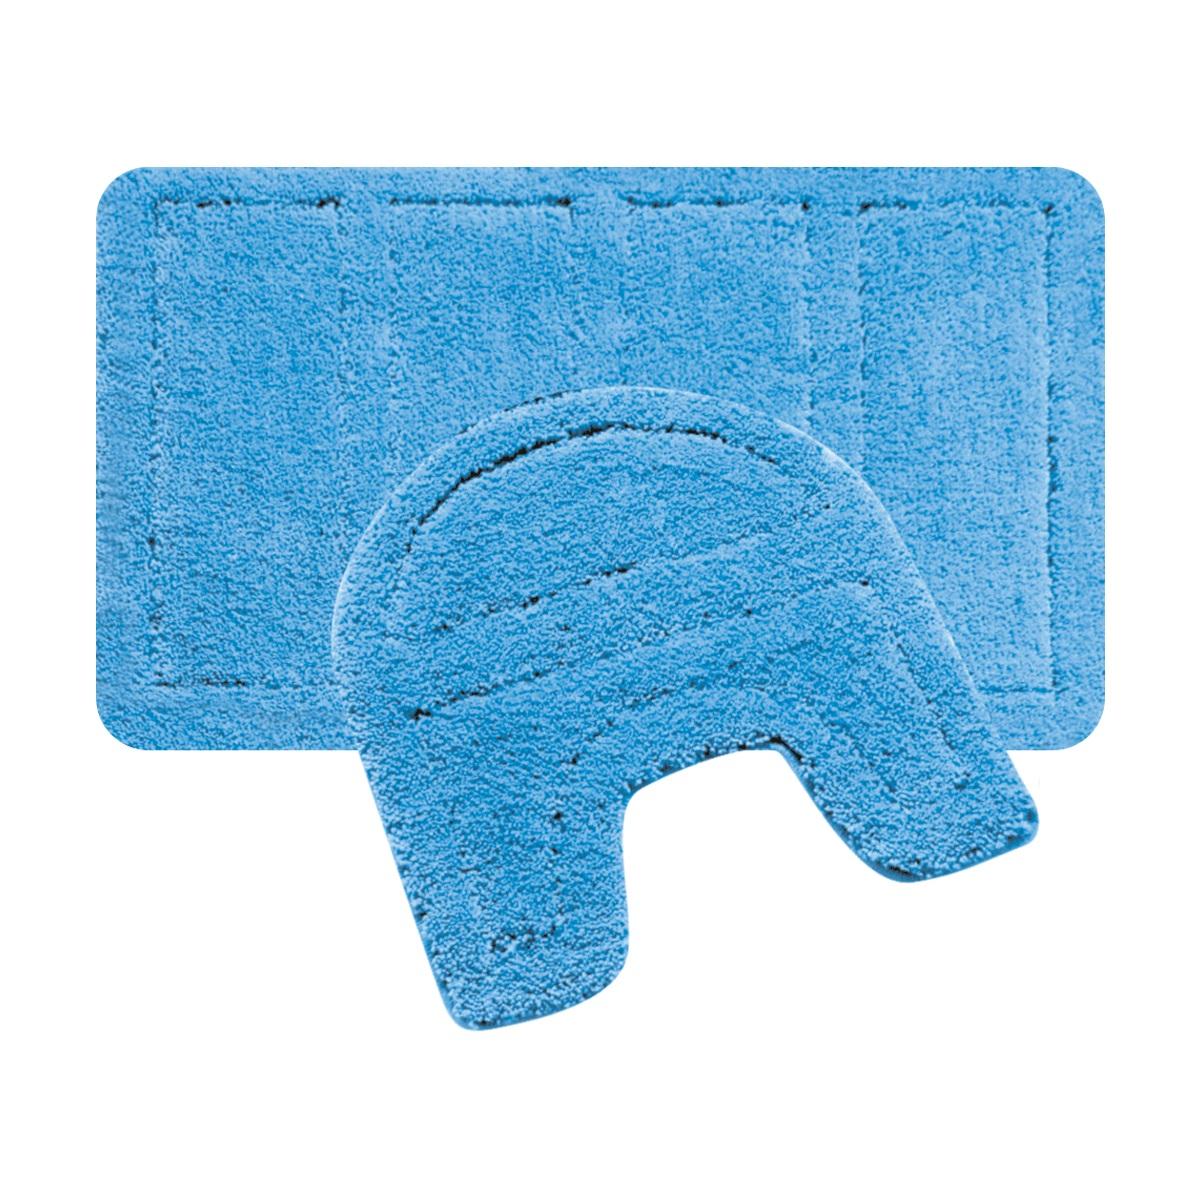 Набор ковриков для ванной Iddis Blue Landscape, цвет: синий, 60 х 90 см, 50 х 50 см, 2 шт241M590i13100% Полиэстеровые тканные коврики для ванной комнаты на латексной основе. Высота ворса 2.5см. Упаковка ПП пакет